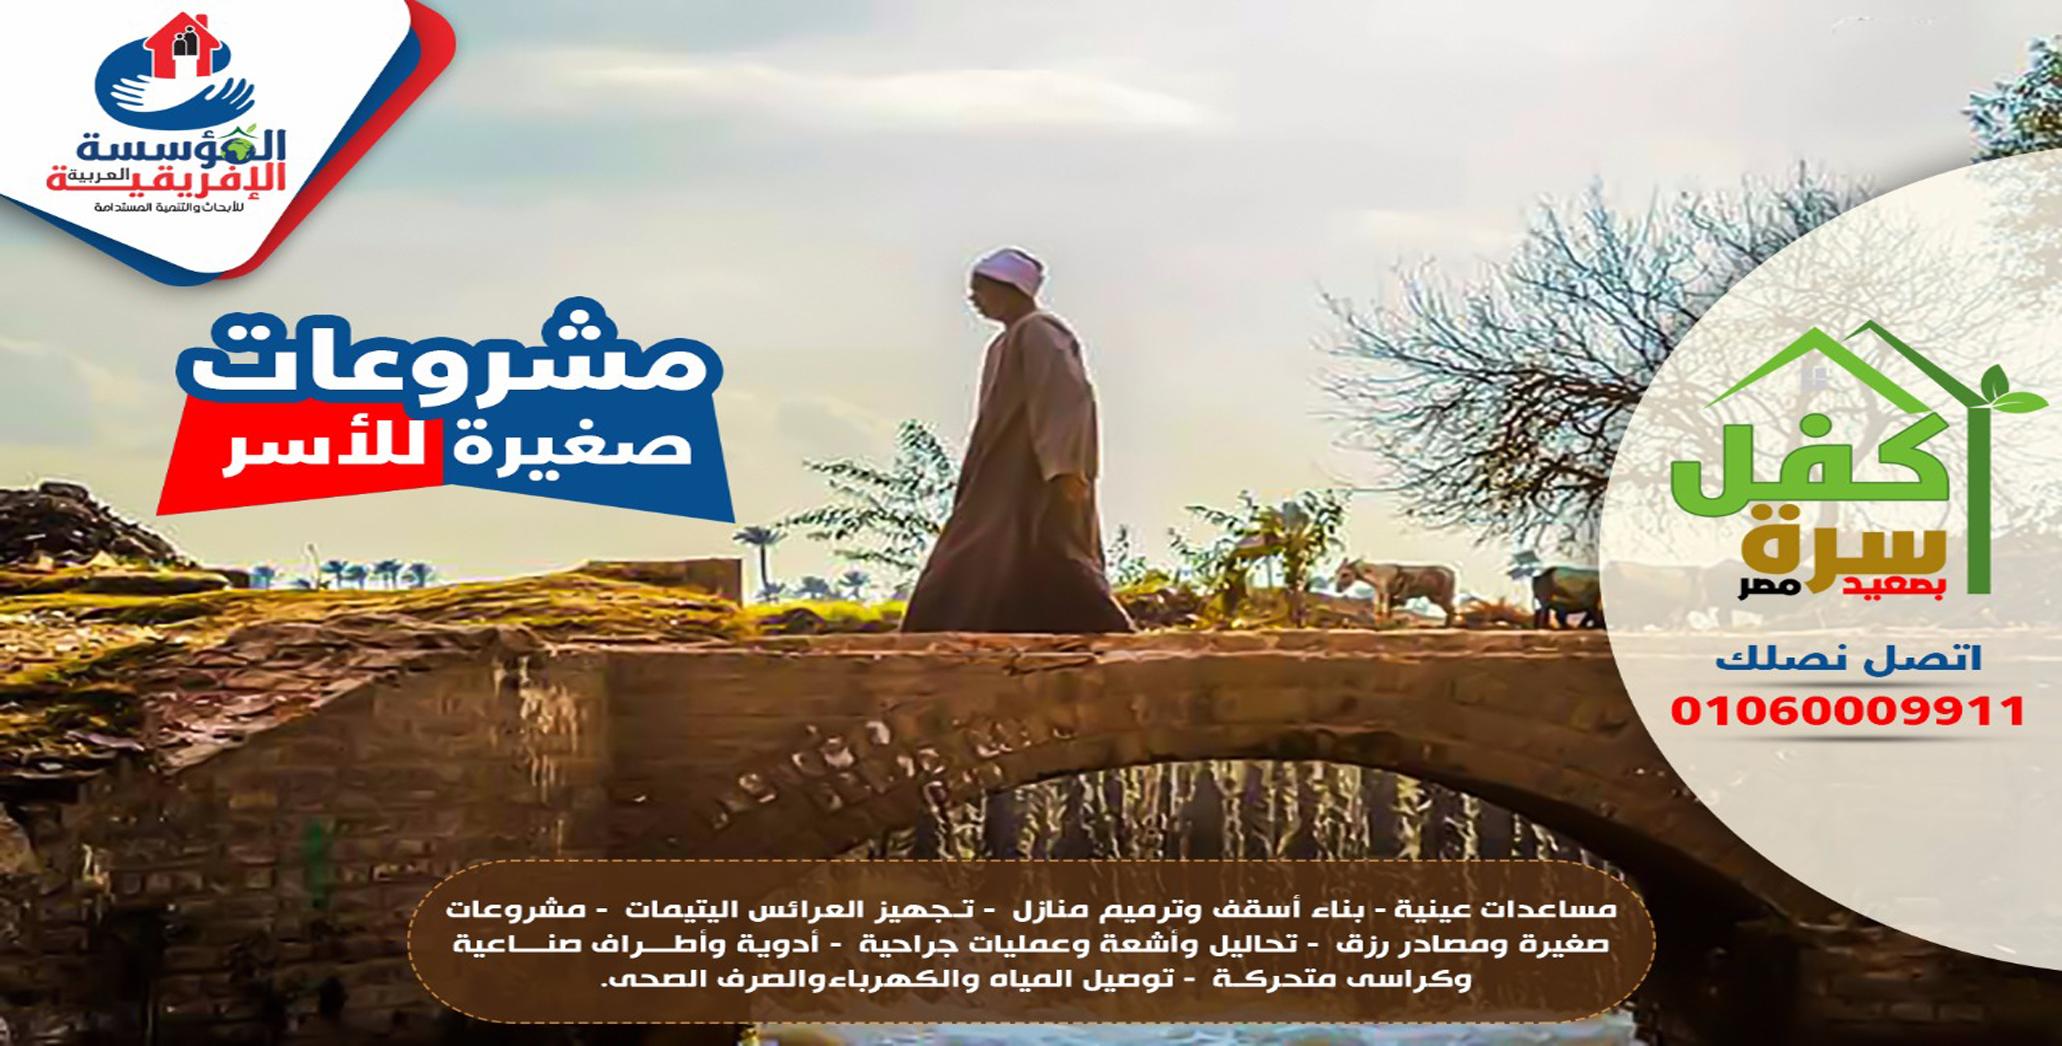 Photo of المؤسسة العربية الأفريقية تقوم بمشروعات صغيرة للأسر